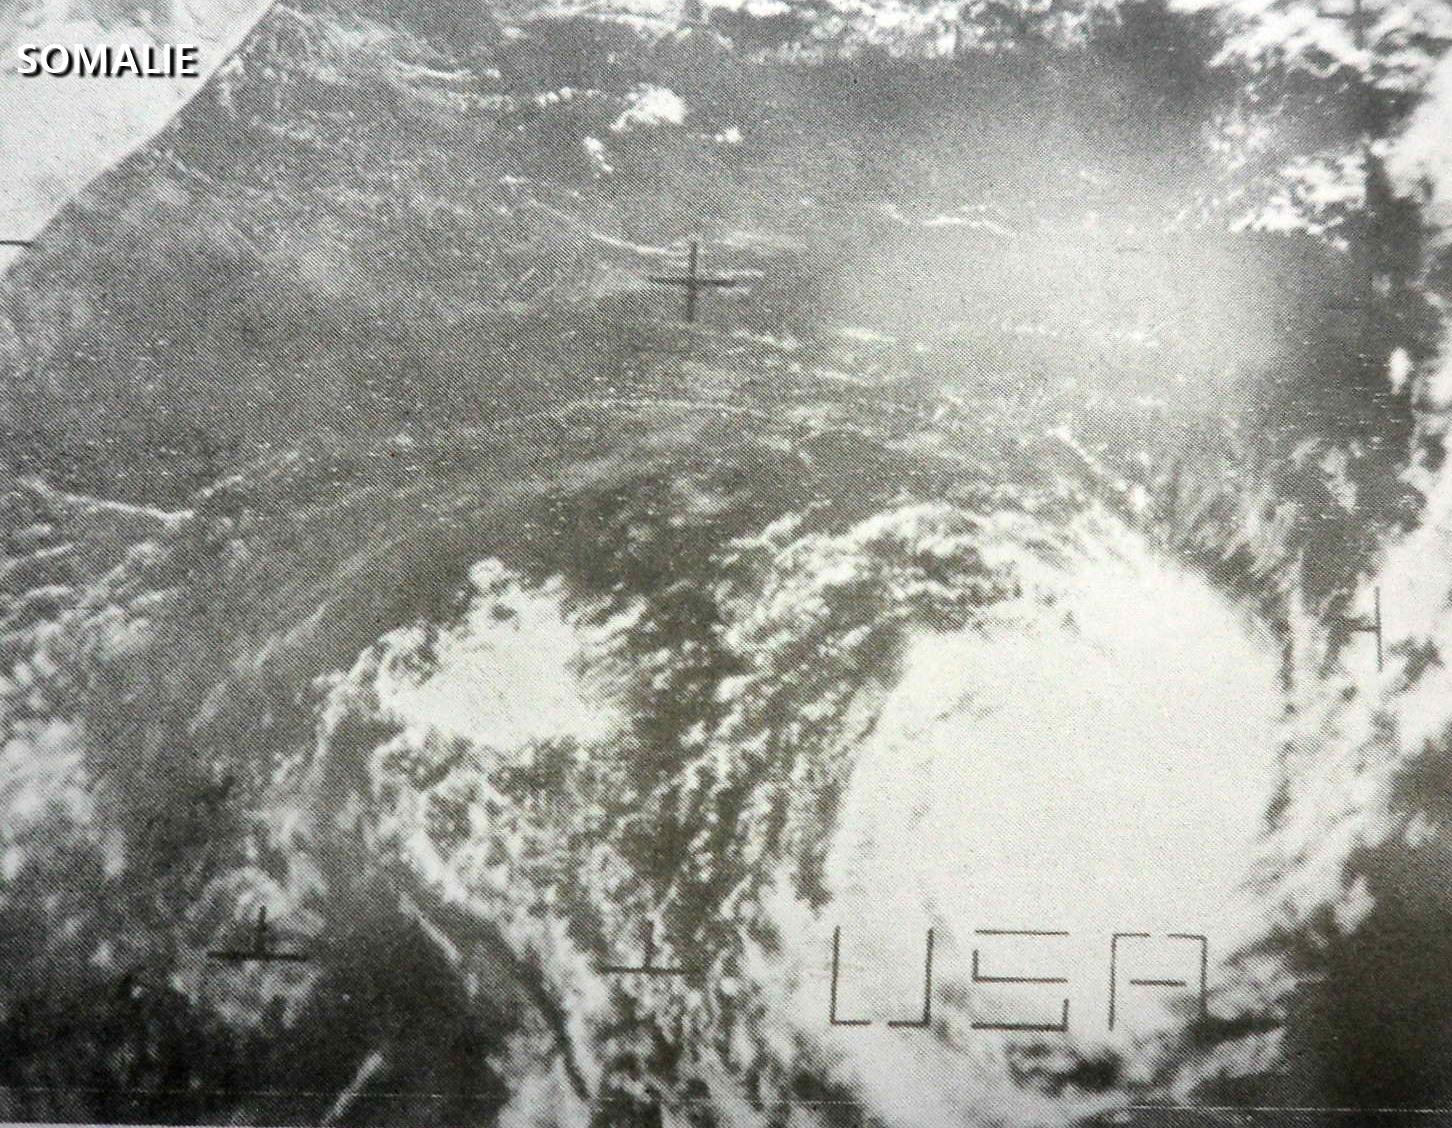 Cyclone Tropical Blanche ESSA-8 octobre 1969 (service météorologique de la Réunion)